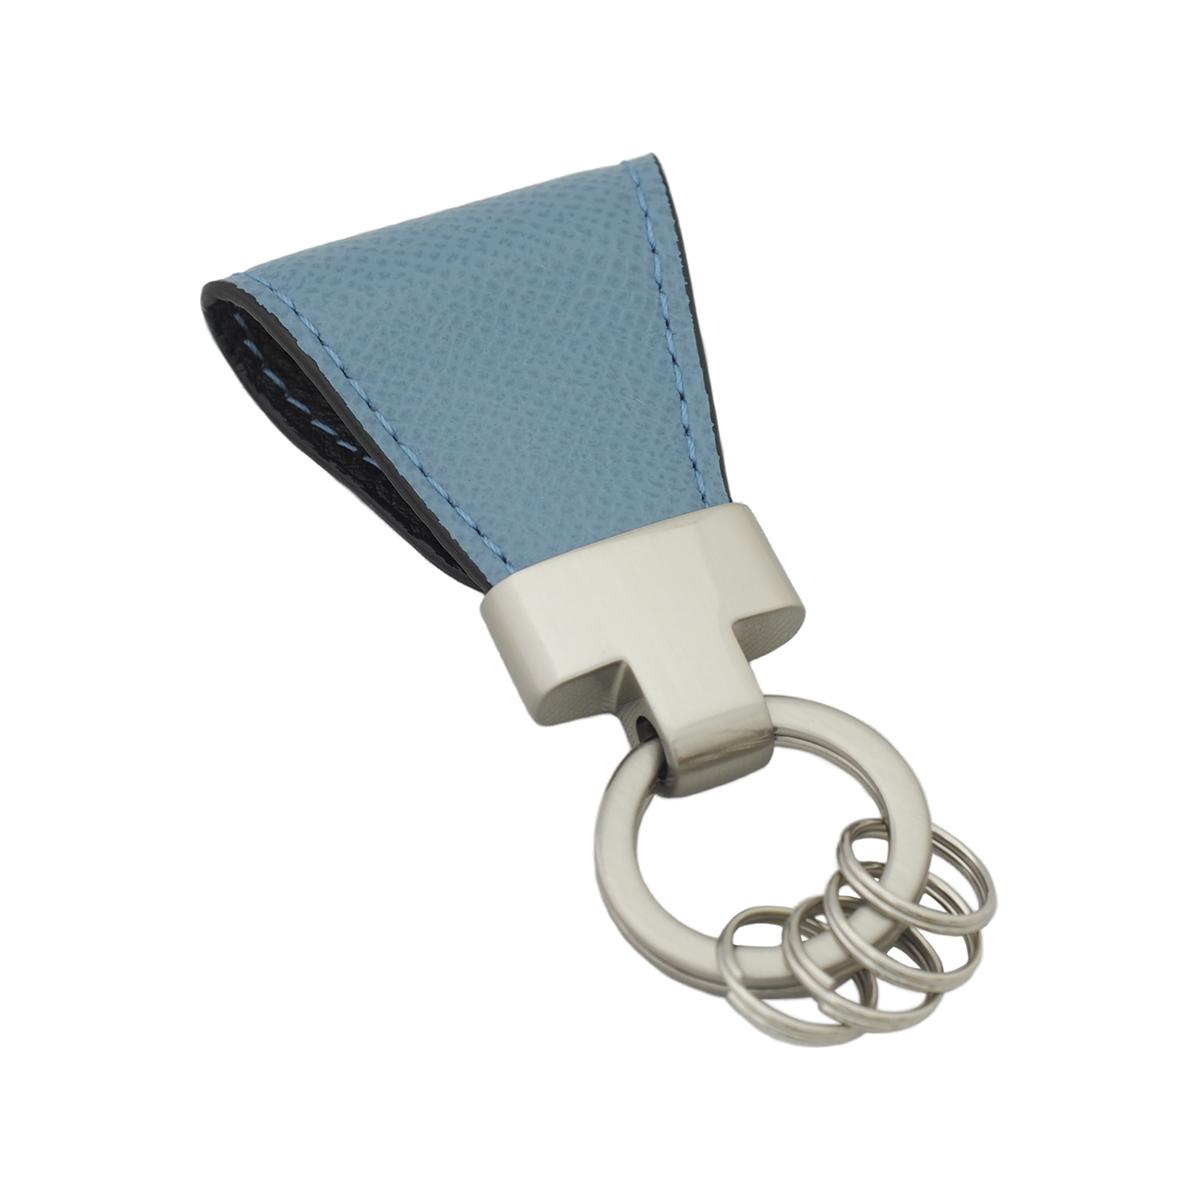 いつも「鍵」はそこにある|《ジャーマンカーフ》もう迷子にならない、「鍵」の定位置が見つかるマグネット付きキーホルダー